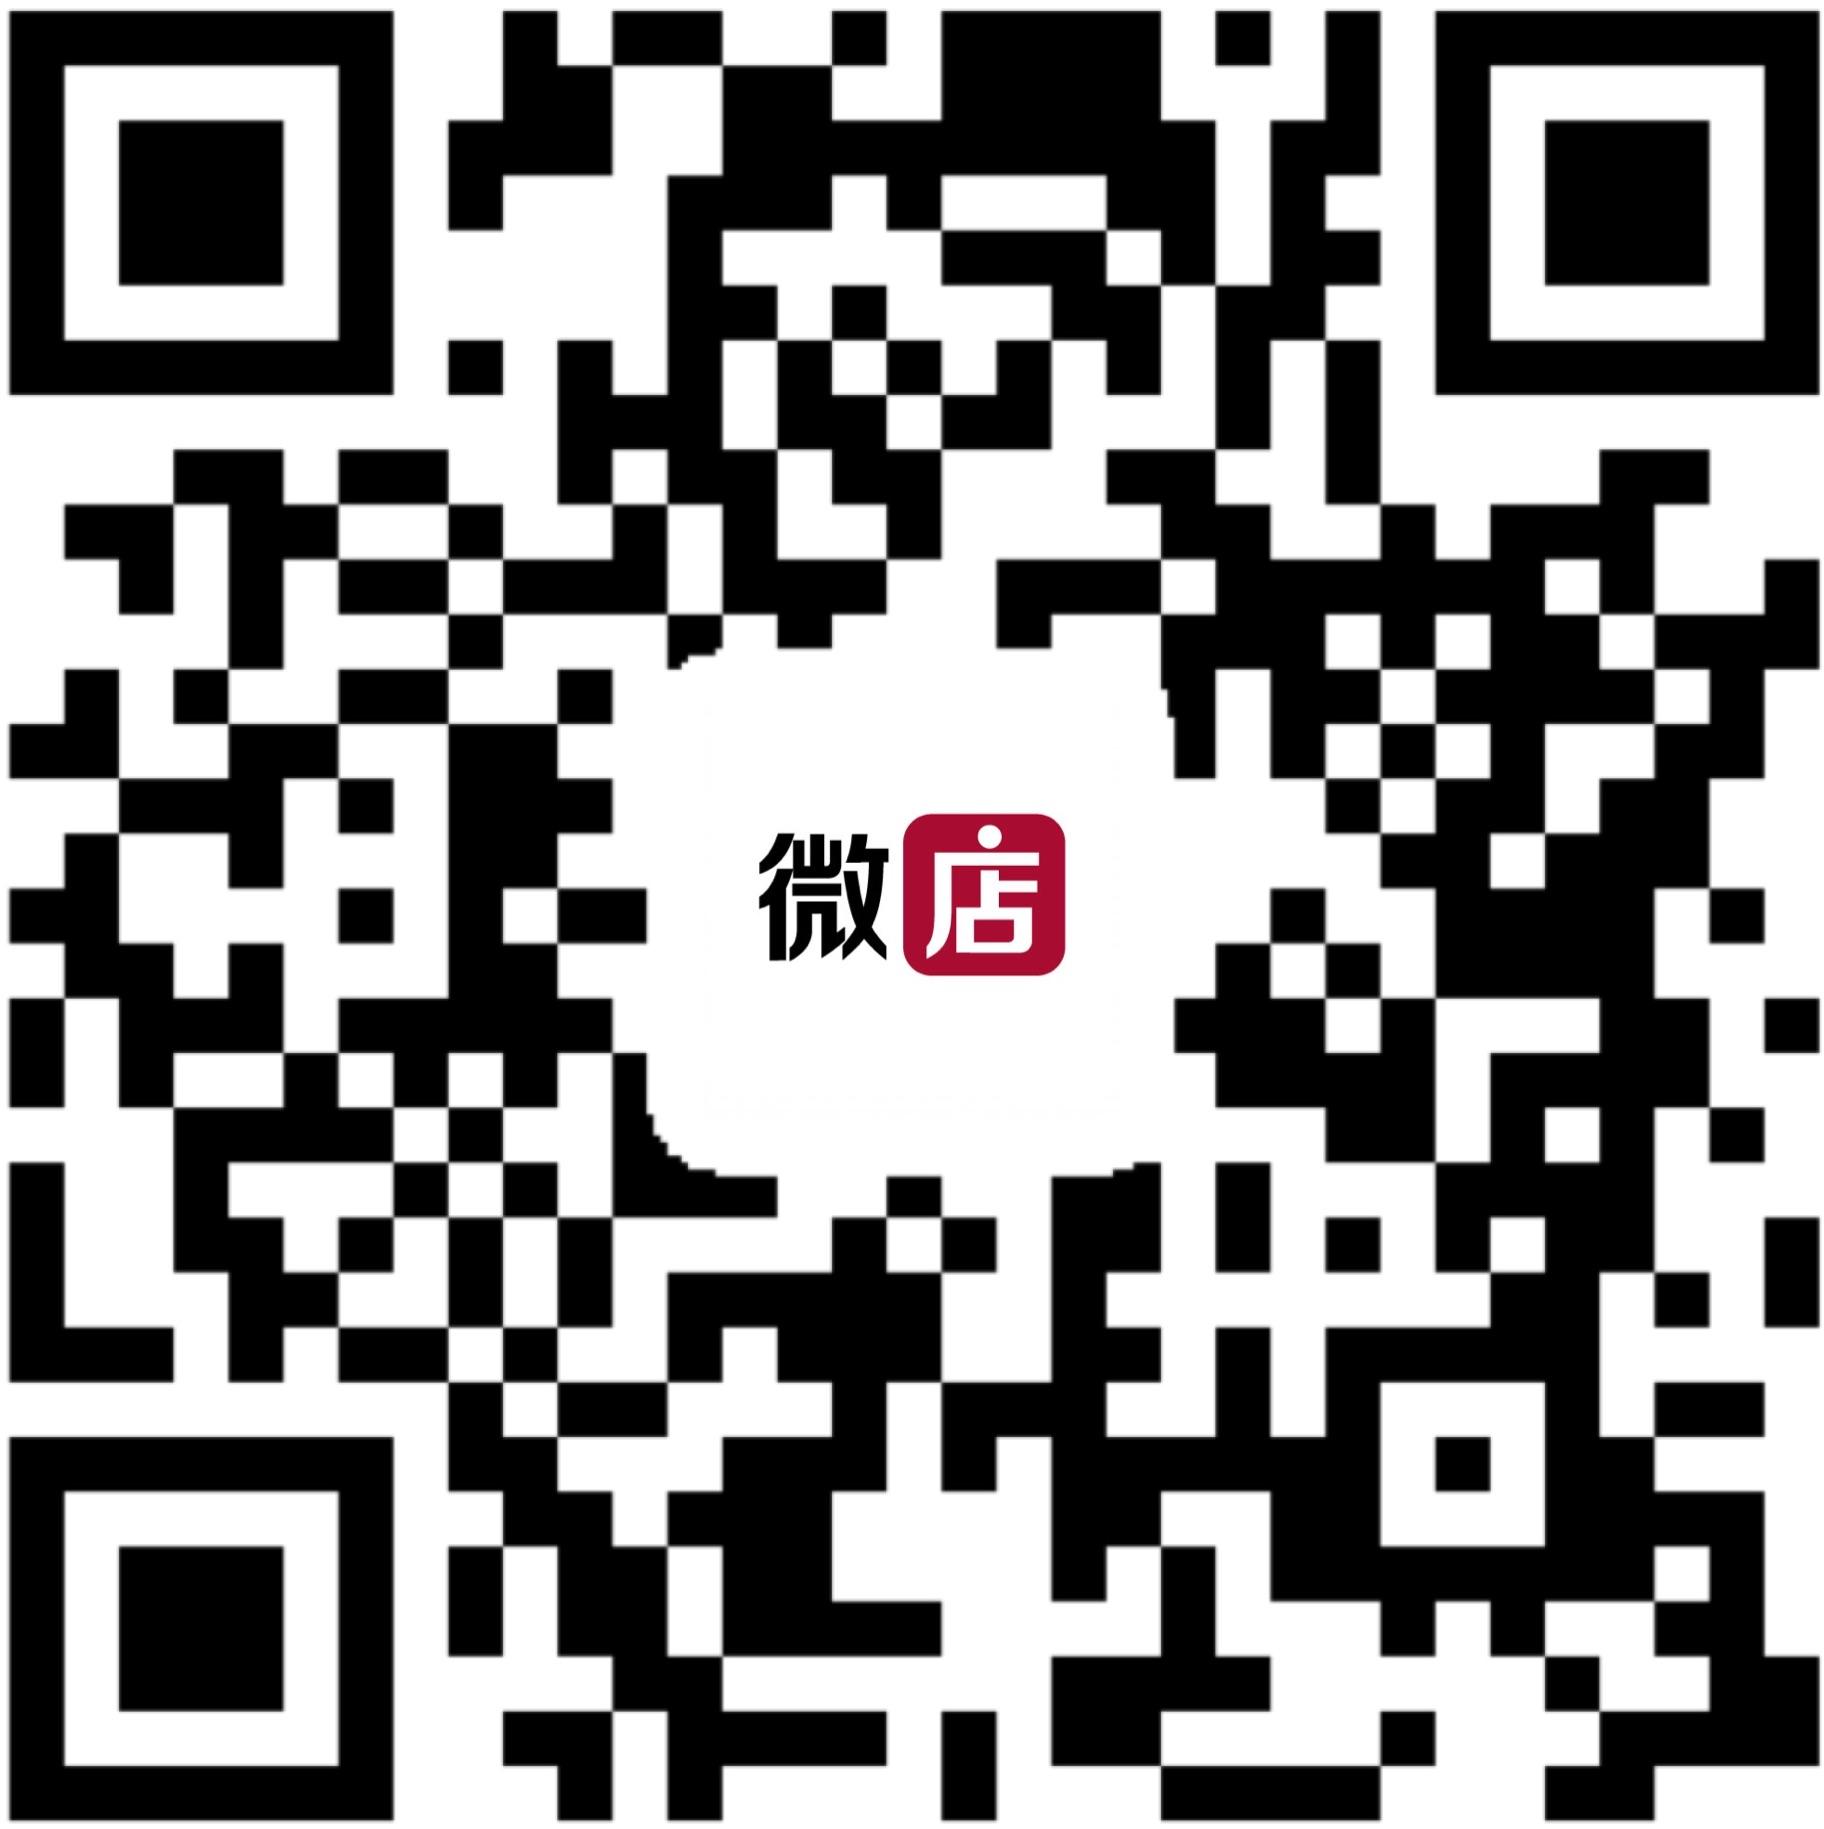 微店二维码-无自画像.jpg